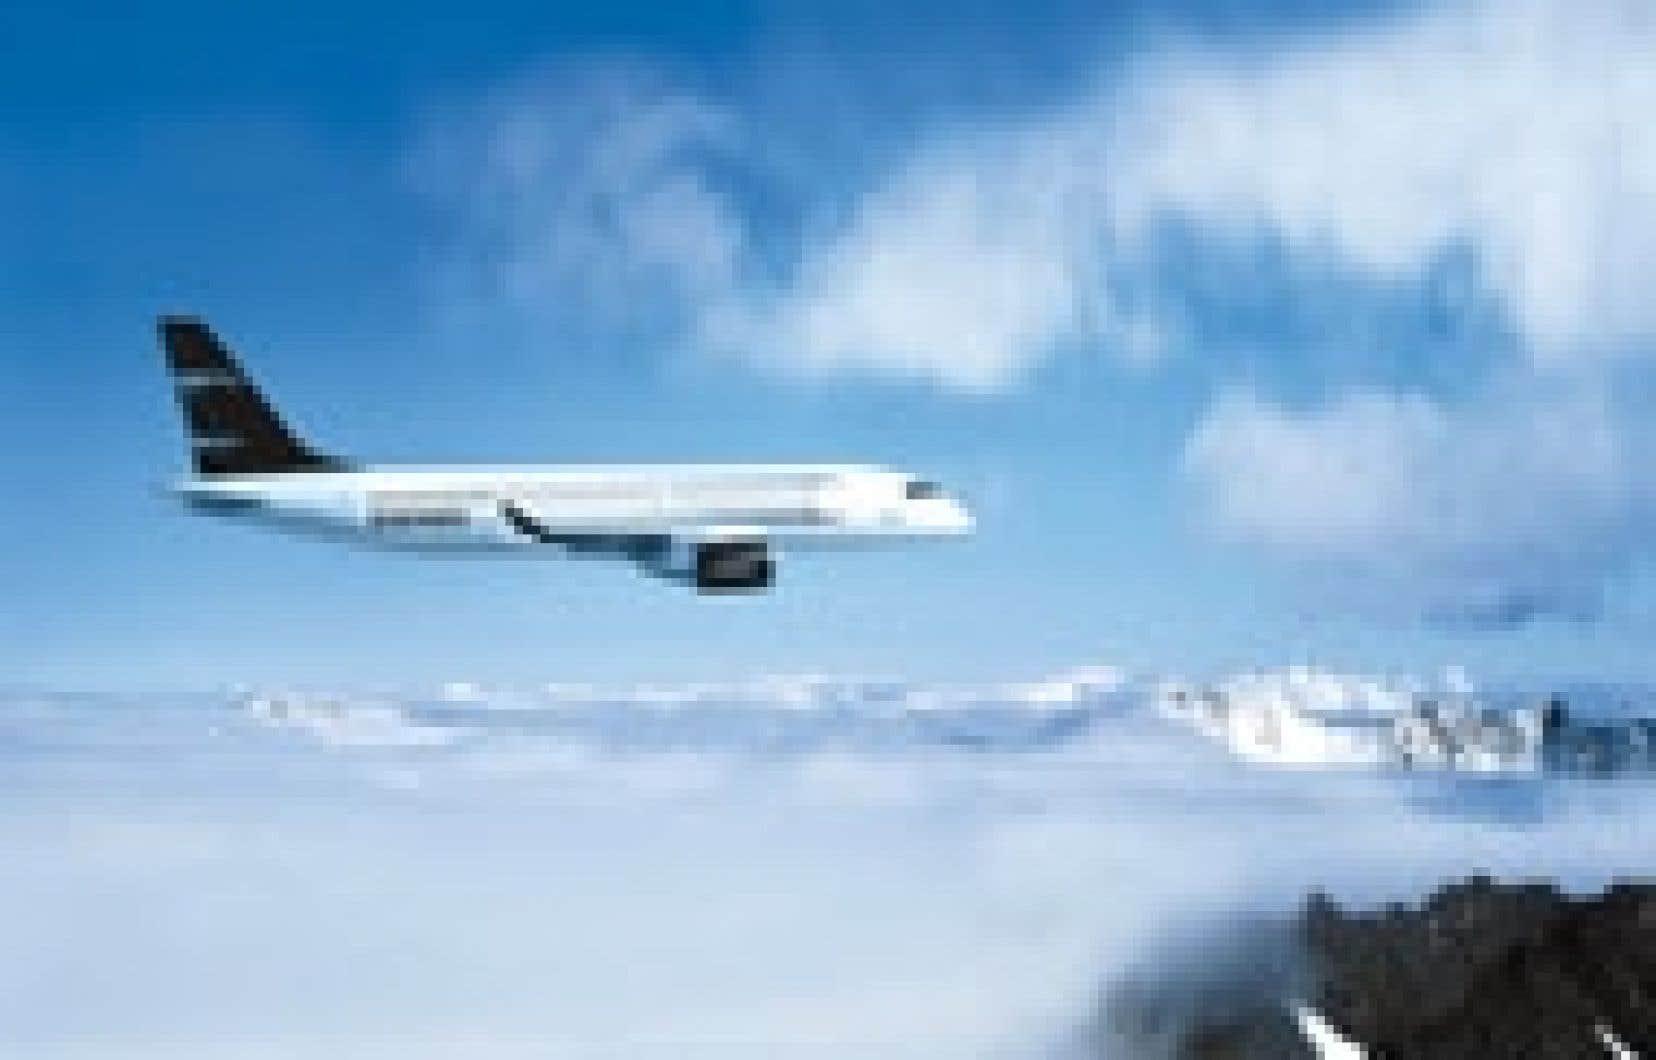 La série C de Bombardier est un projet qui continuera de n'exister que sur papier, puisque les commandes espérées ne sont pas venues. Bombardier ne renonce pas mais devra réviser son plan d'affaires. Source: Bombardier Aéronautique